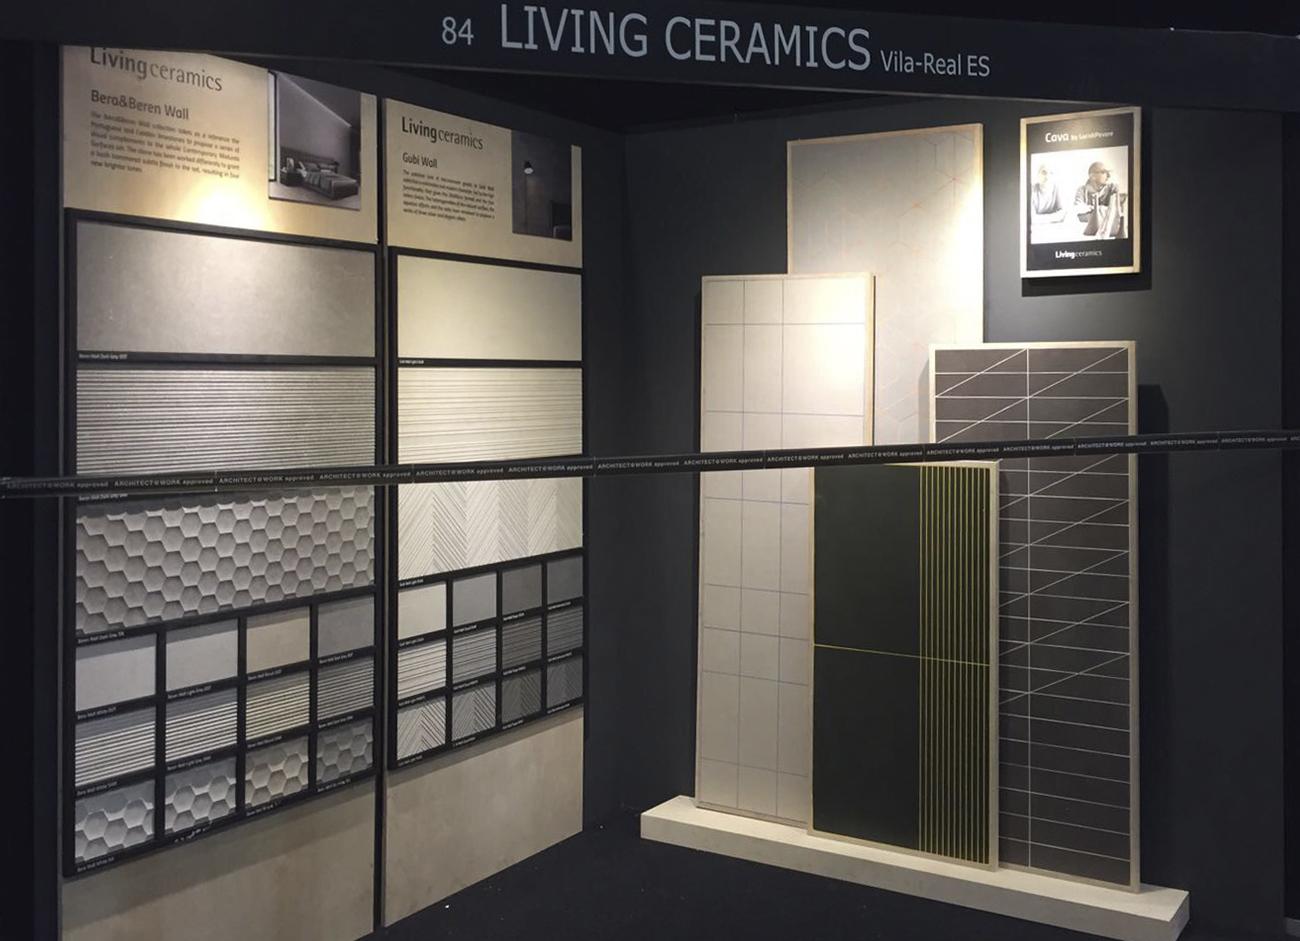 Living Ceramics participa en la primera edición de Architect at Work Estocolmo